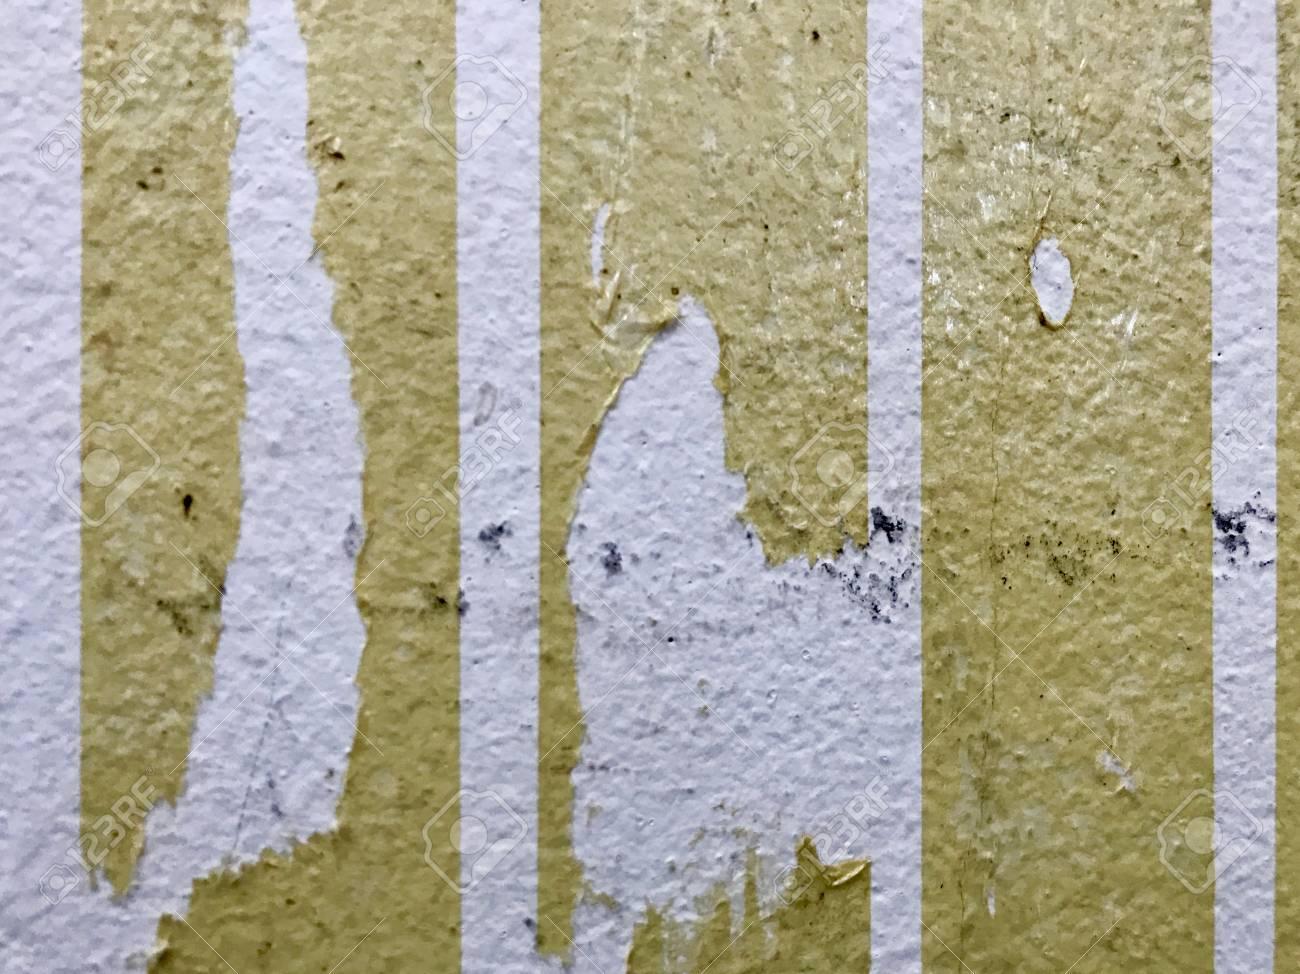 Einige Klebepapiere Die An Der Wand Befestigt Sind Lassen Das